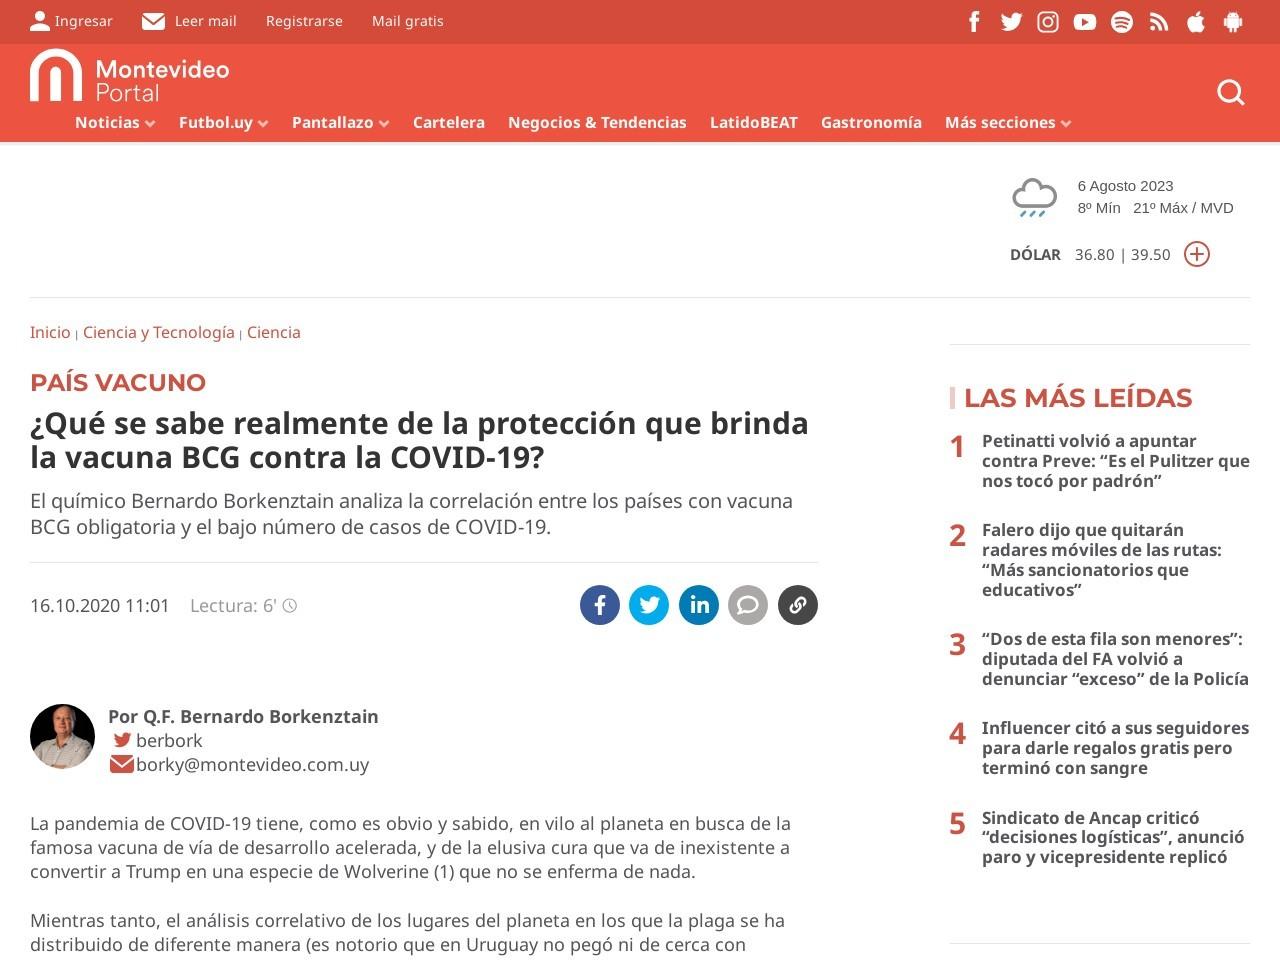 ¿Qué se sabe realmente de la protección que brinda la vacuna BCG contra la COVID-19?